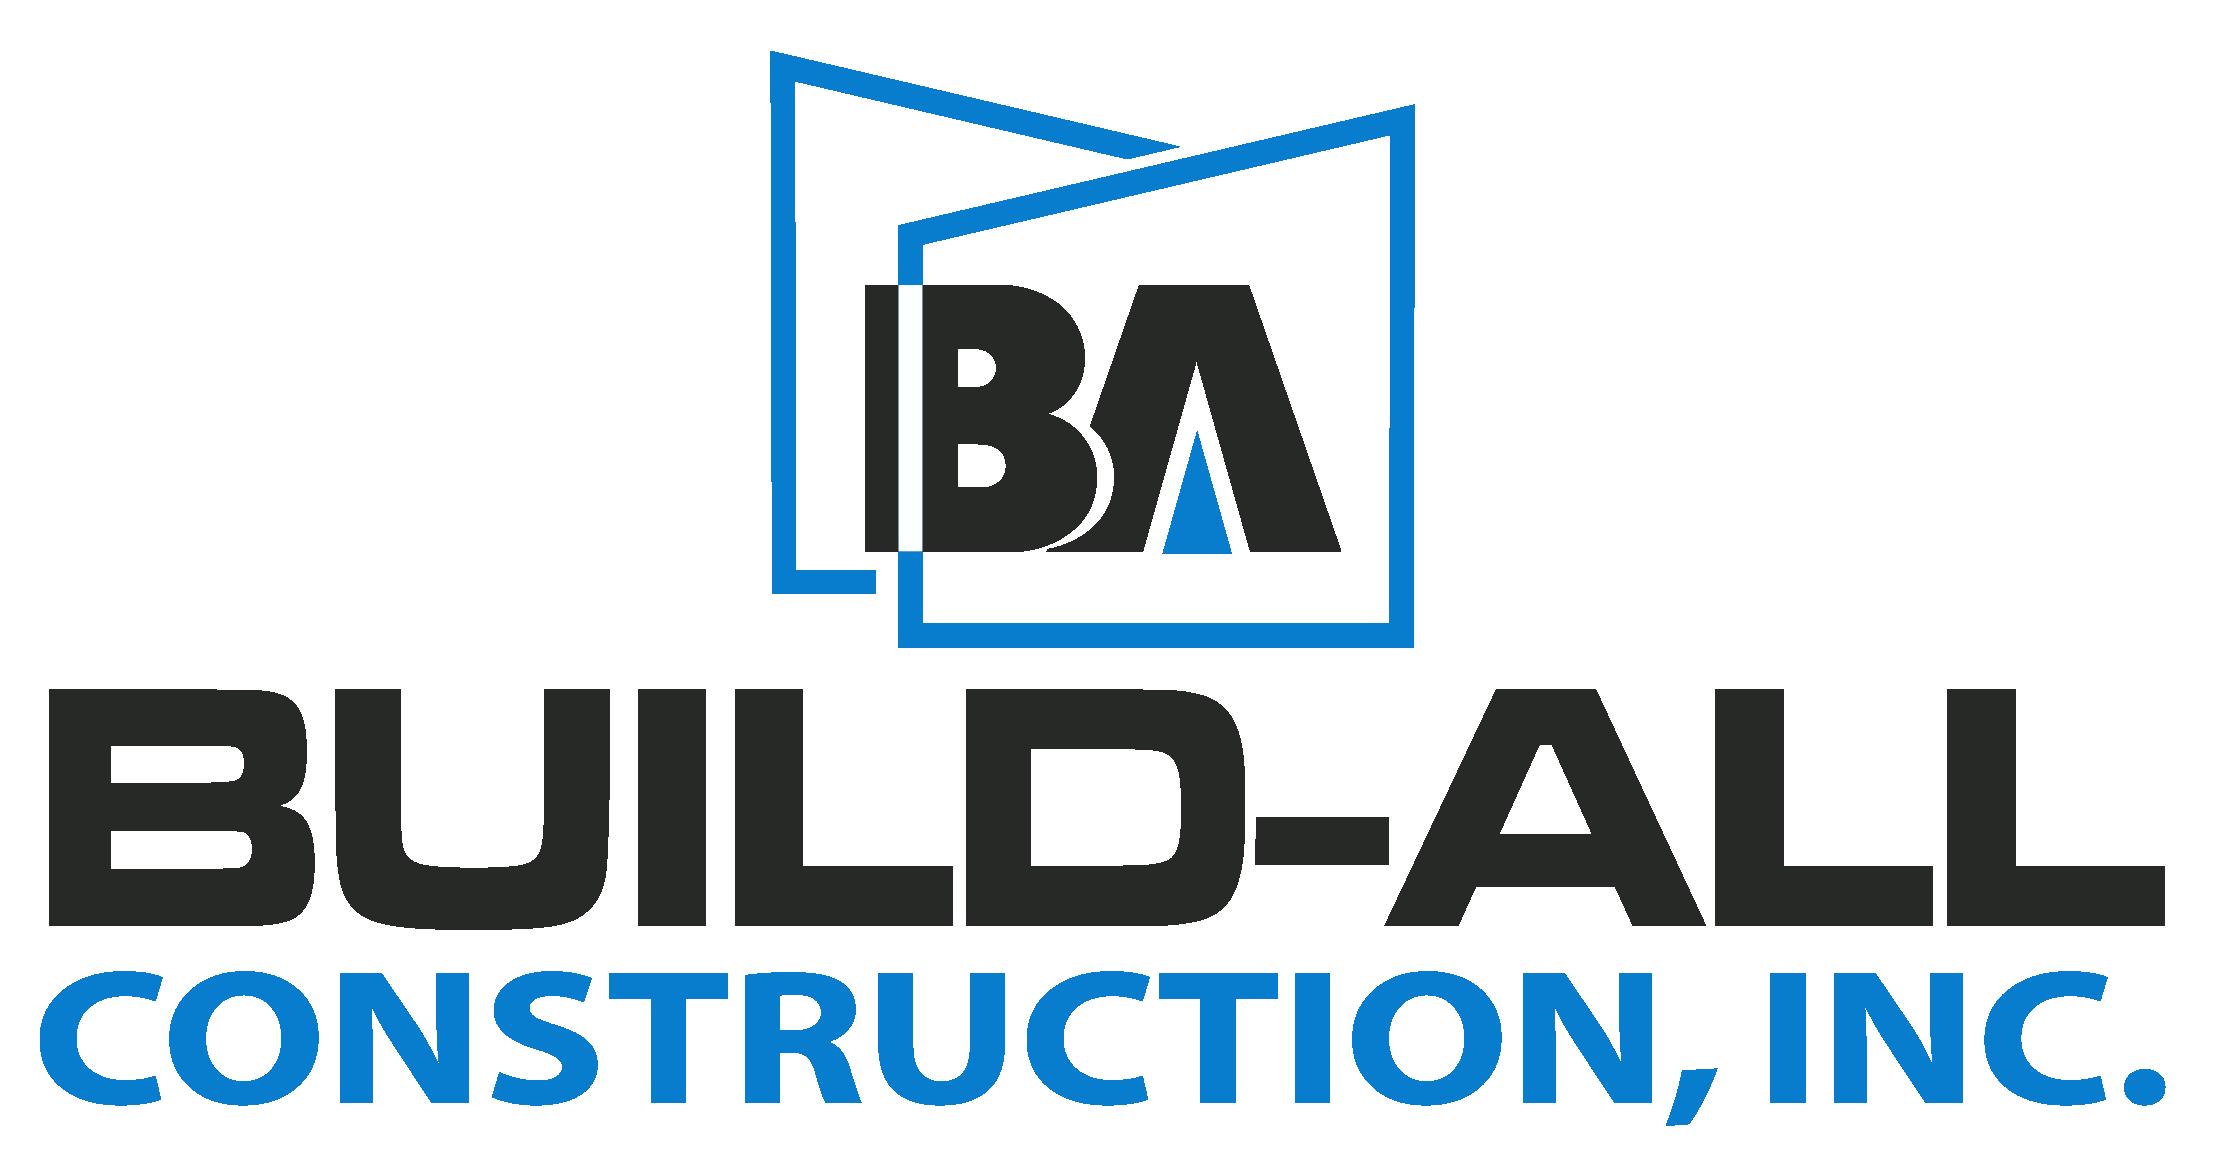 buildallnj.com